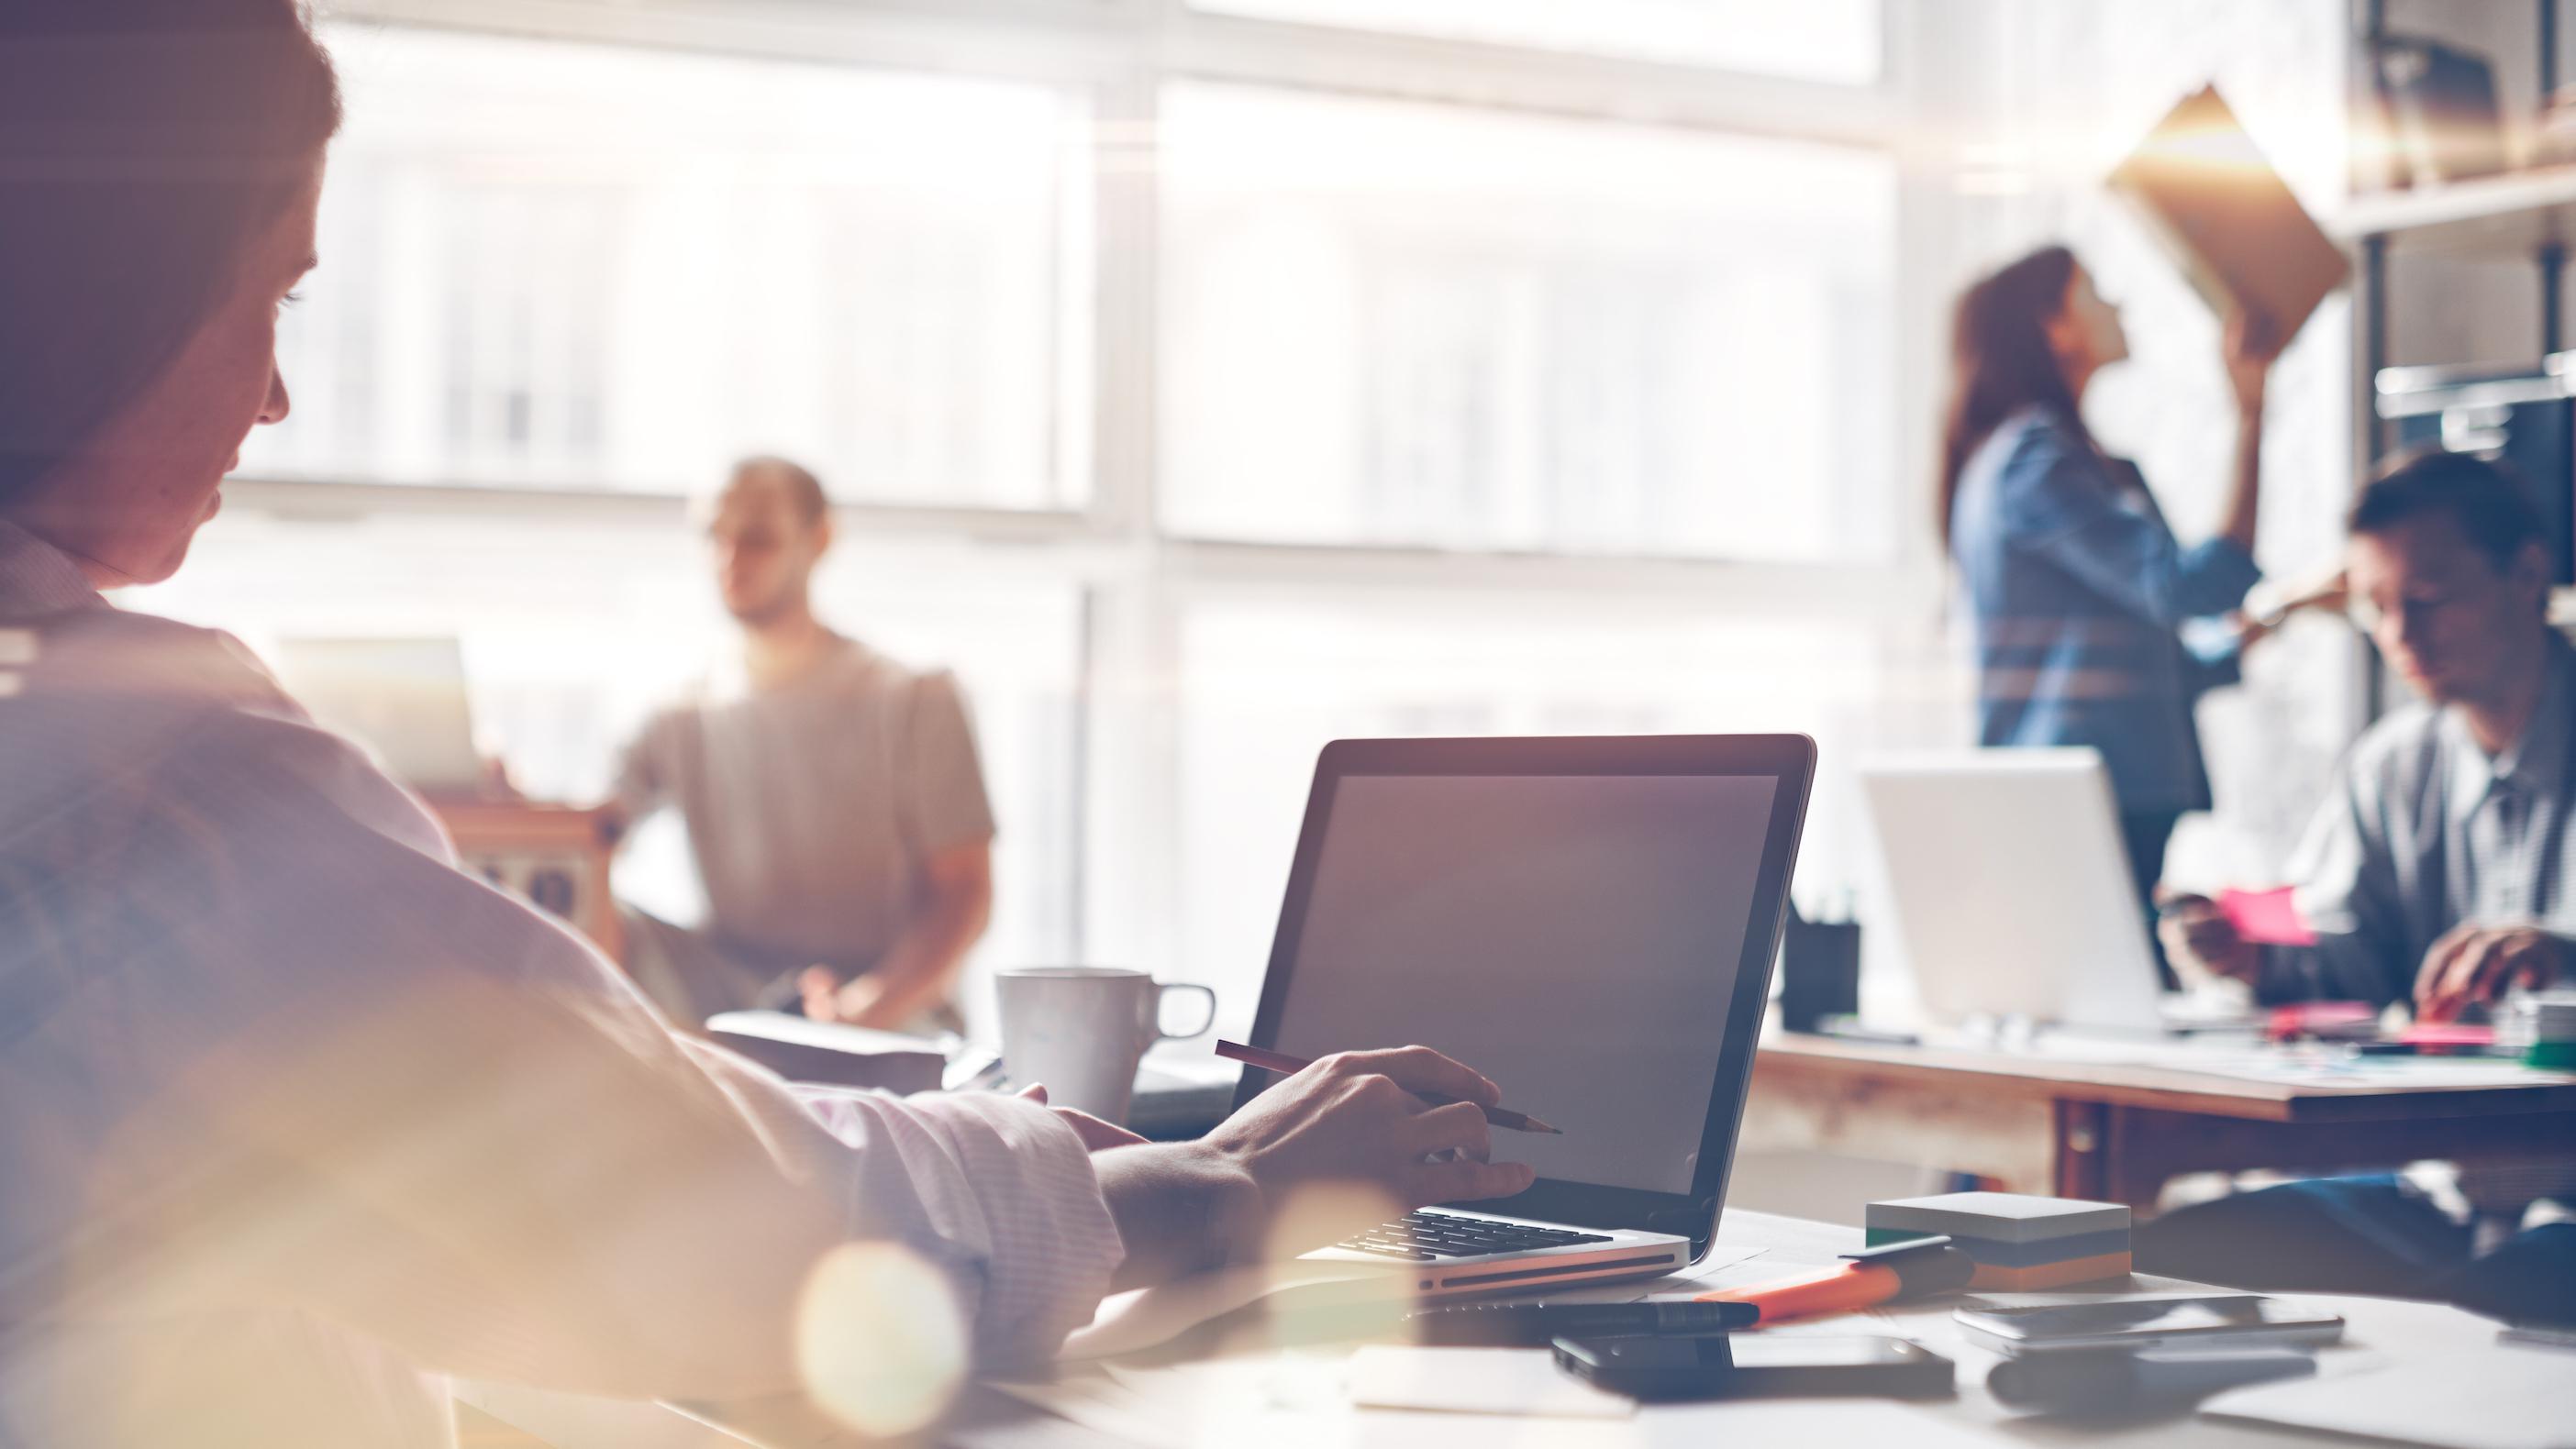 L'importance des bons équipements de bureau pour le confort des salariés